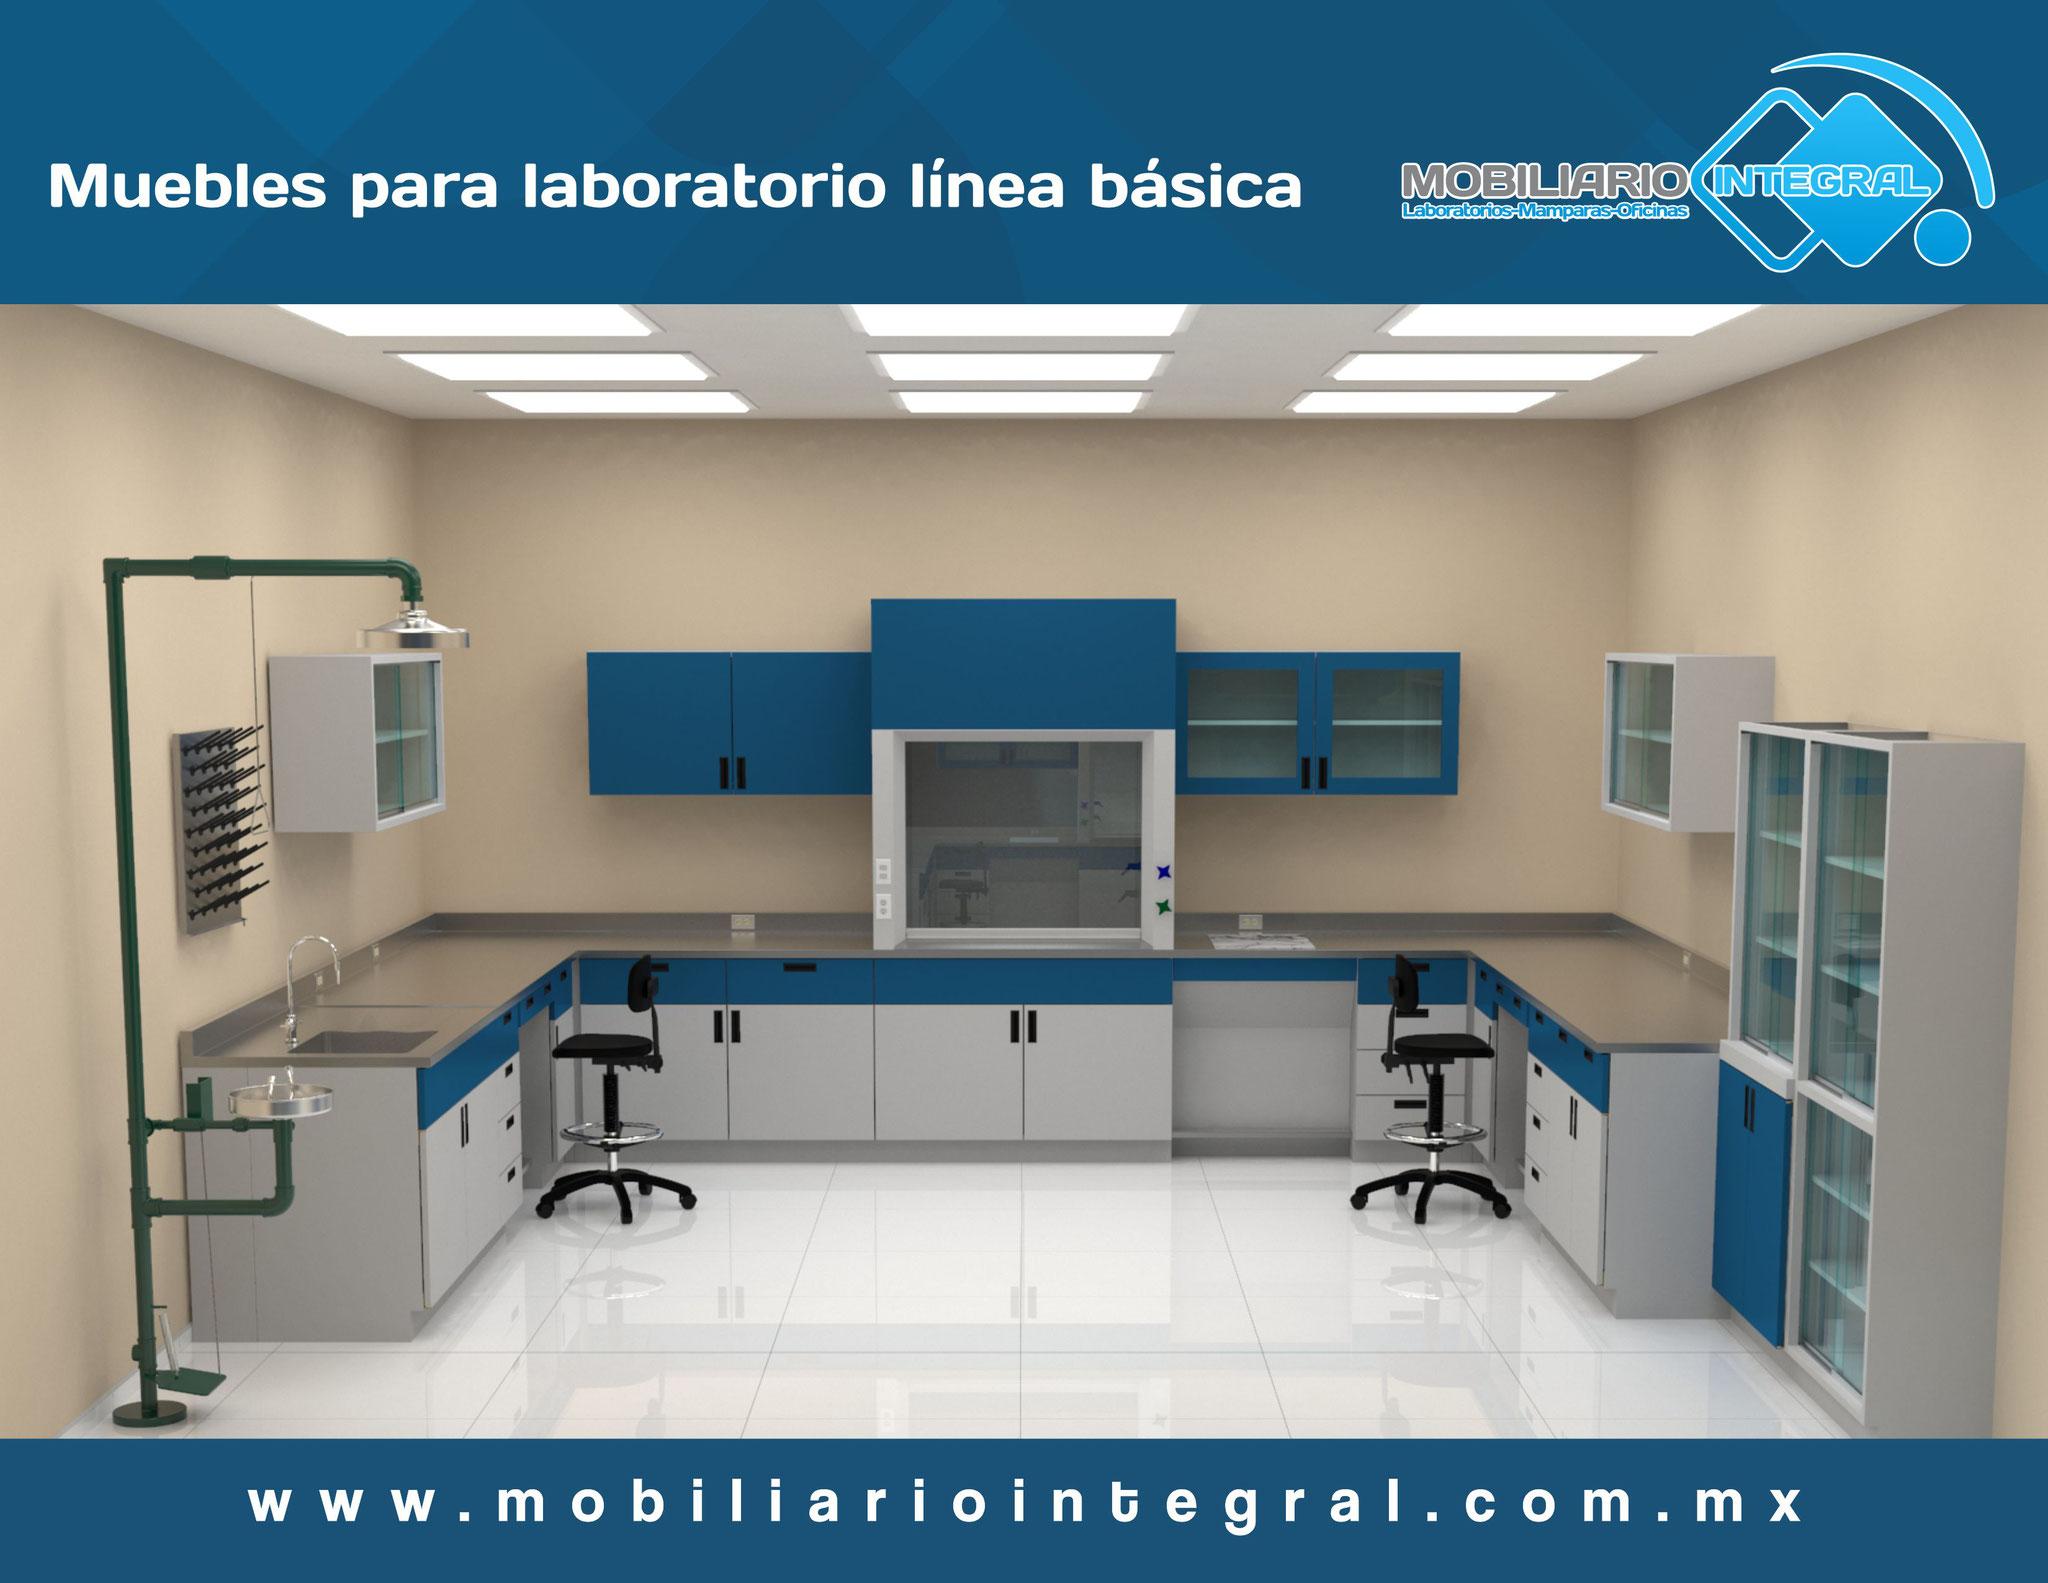 Muebles para laboratorio en Villahermosa